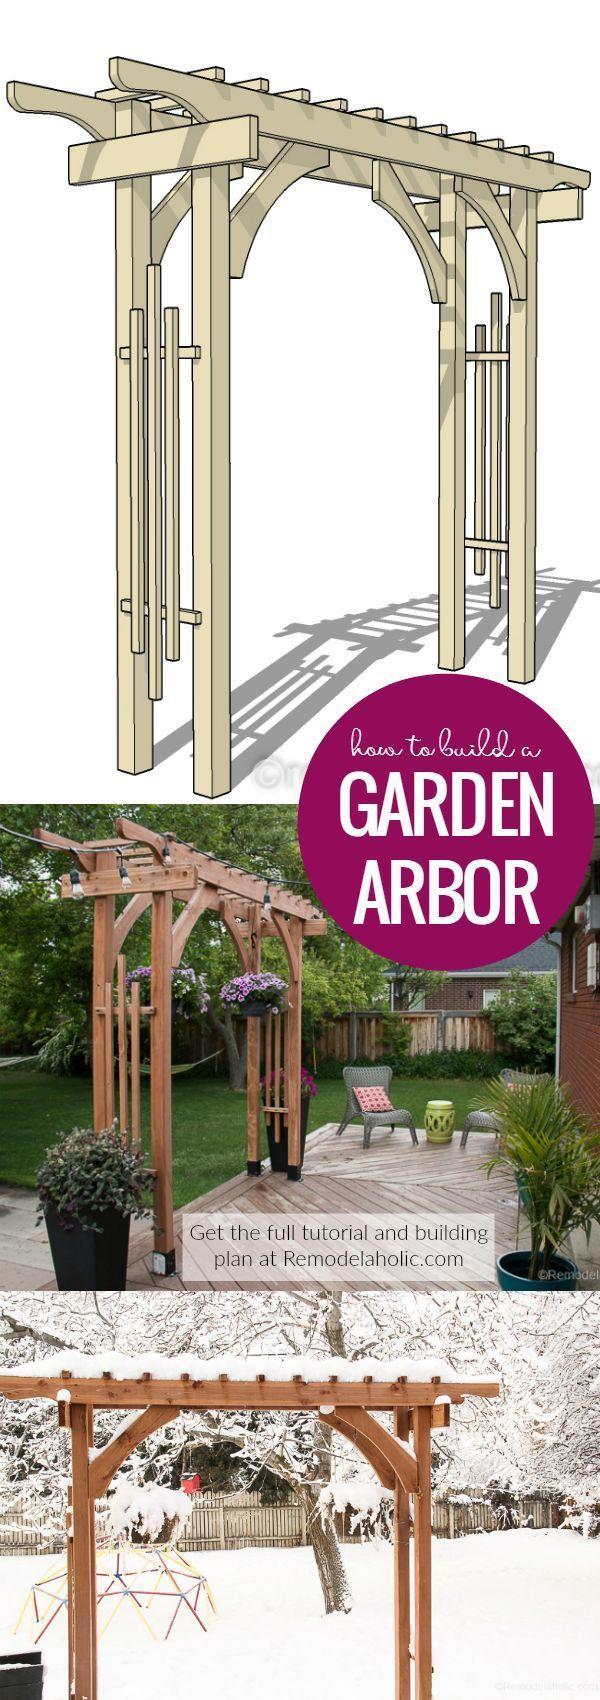 25 + › Wie man eine Gartenlaube für eine Hinterhofstruktur oder Hochzeit im Freien baut Dieses g…